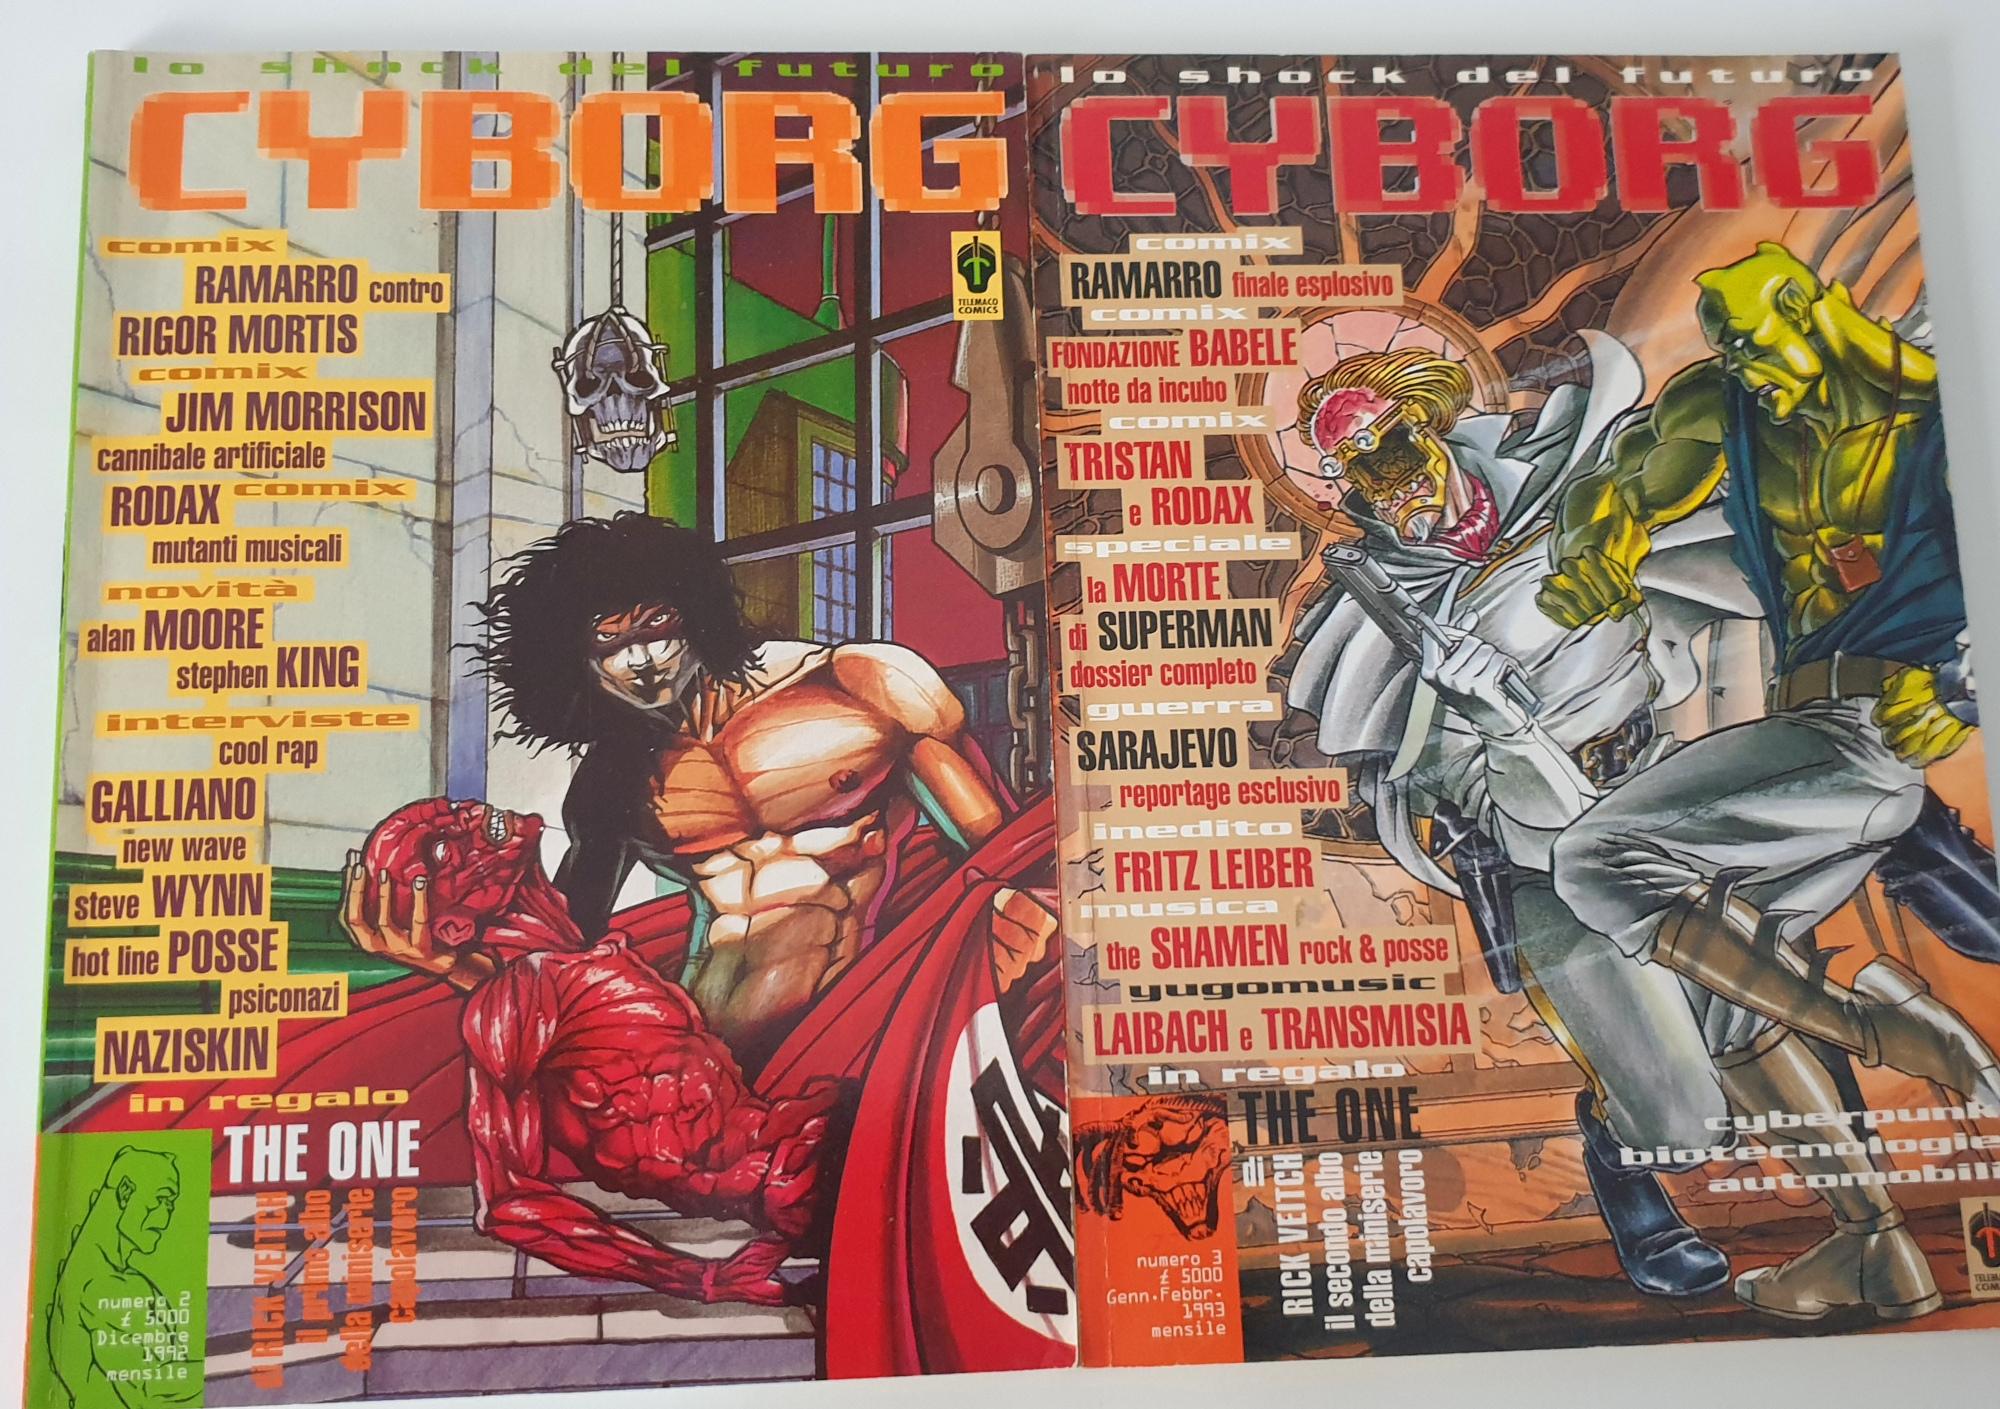 Cyborg rivista cyberpunk anni 90